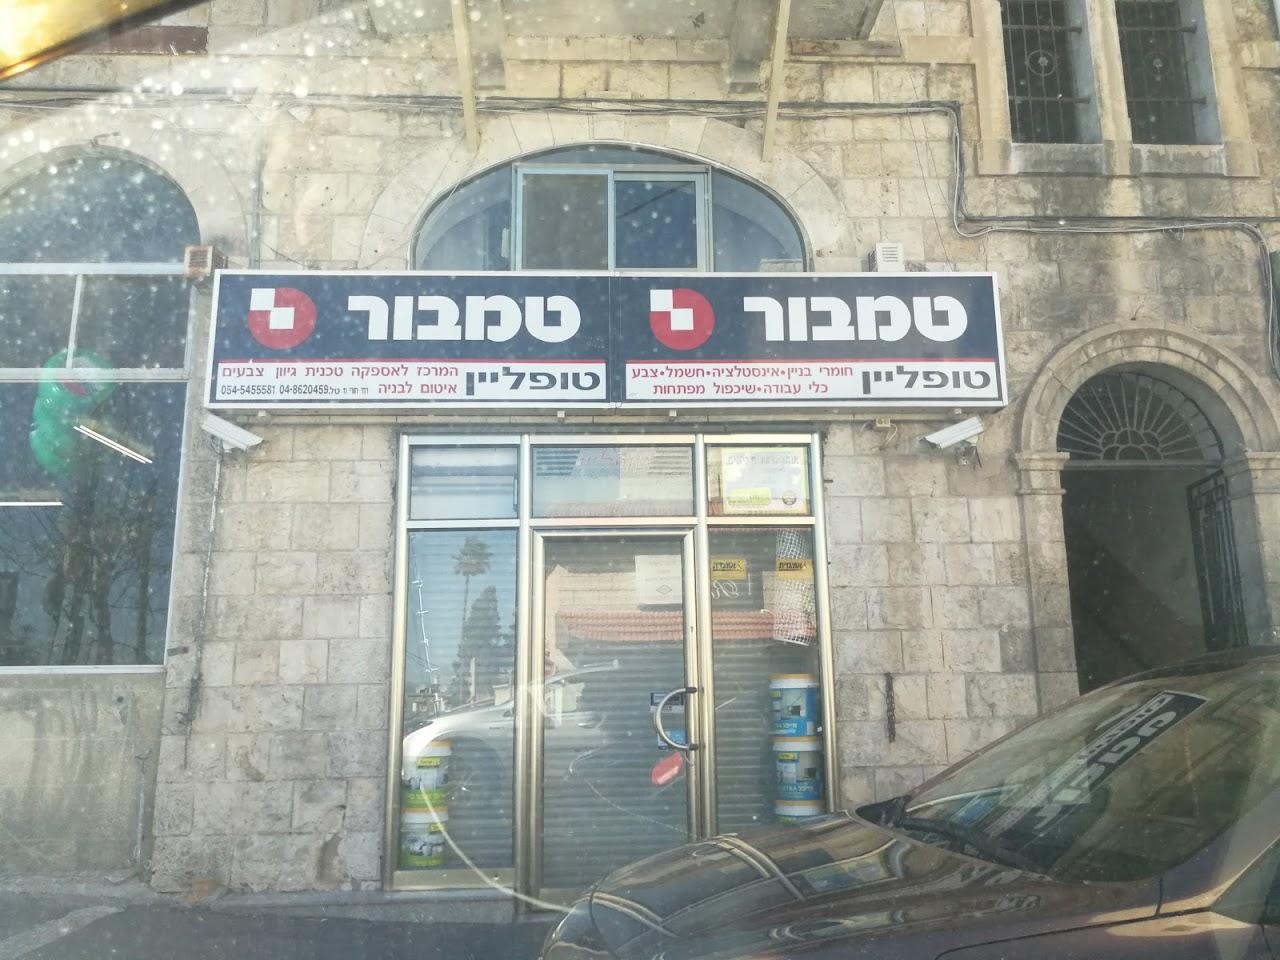 מפוארת אחסאן גטאס טופליין - ח'ורי 11, חיפה - חנות חומרי בניין - איזי RI-74